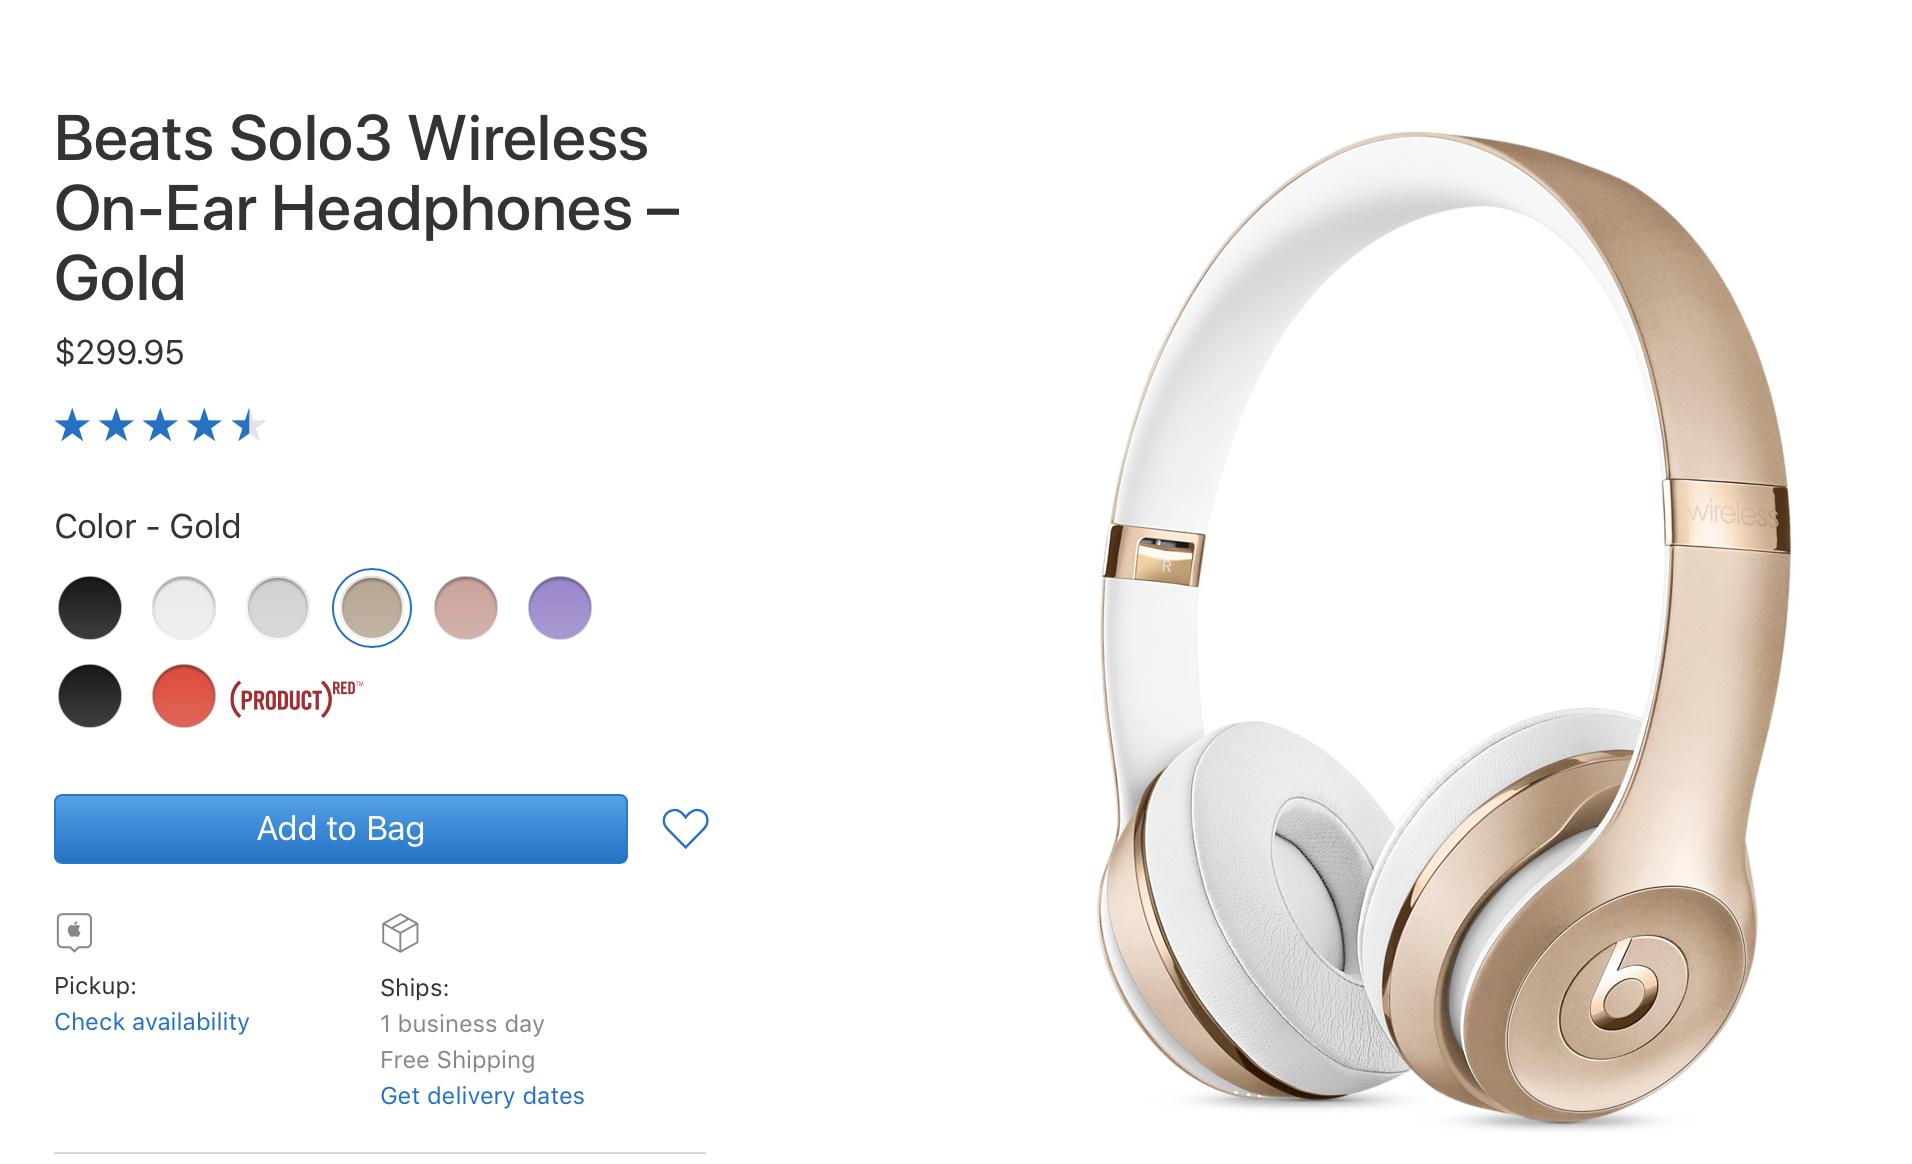 Unopened Beats Solo3 Wireless headphones